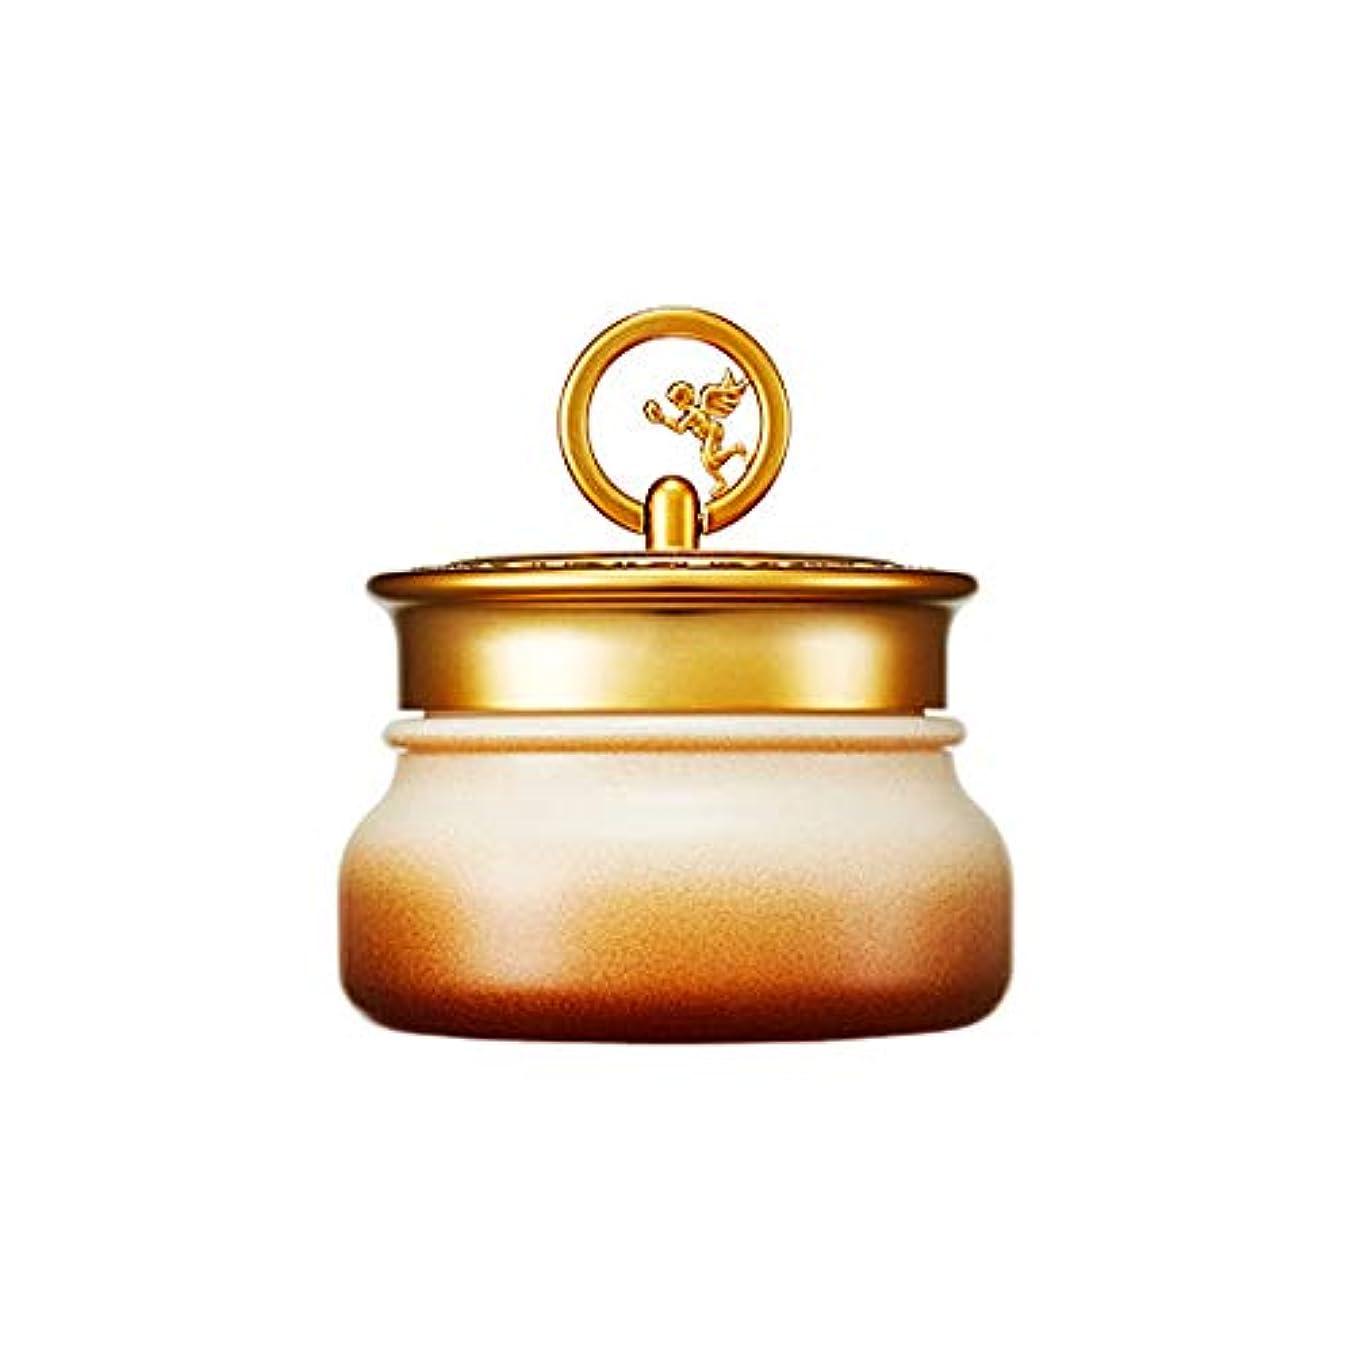 書店素晴らしきキャンバスSkinfood ゴールドキャビアクリーム(しわケア) / Gold Caviar Cream (wrinkle care) 45g [並行輸入品]